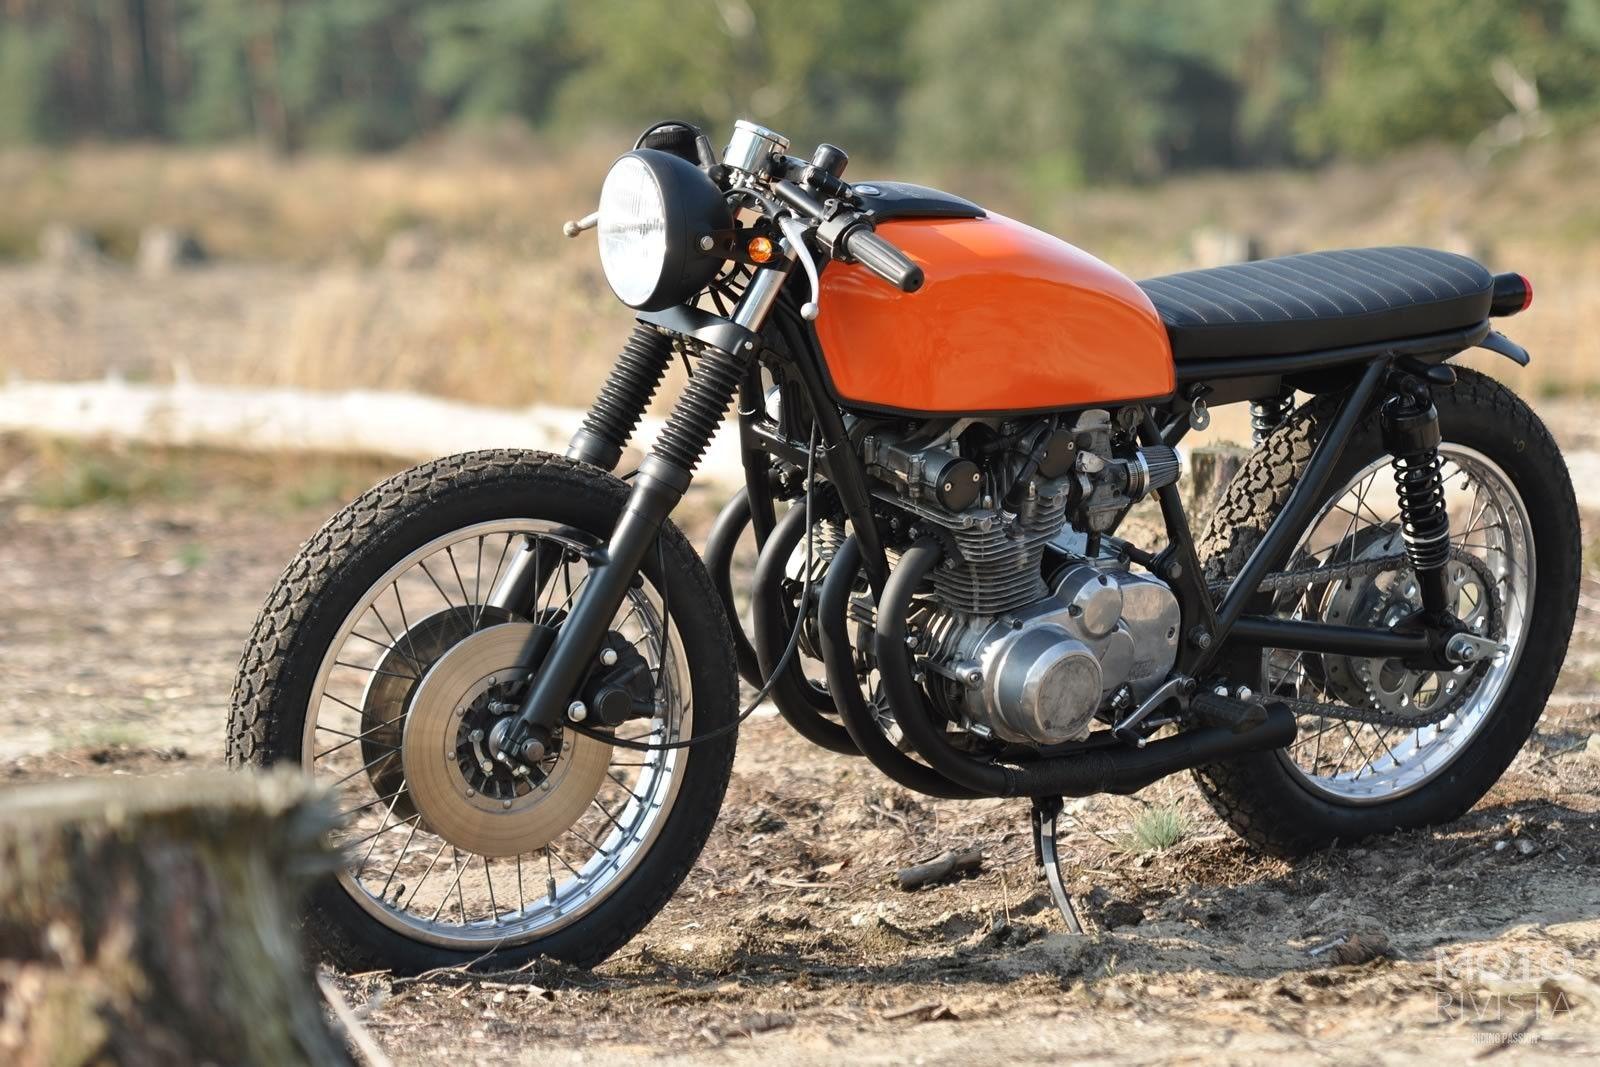 Suzuki Gs550 By Left Hand Cycles Suzuki Cafe Racer Cafe Racer Cafe Racer Bikes [ 1067 x 1600 Pixel ]